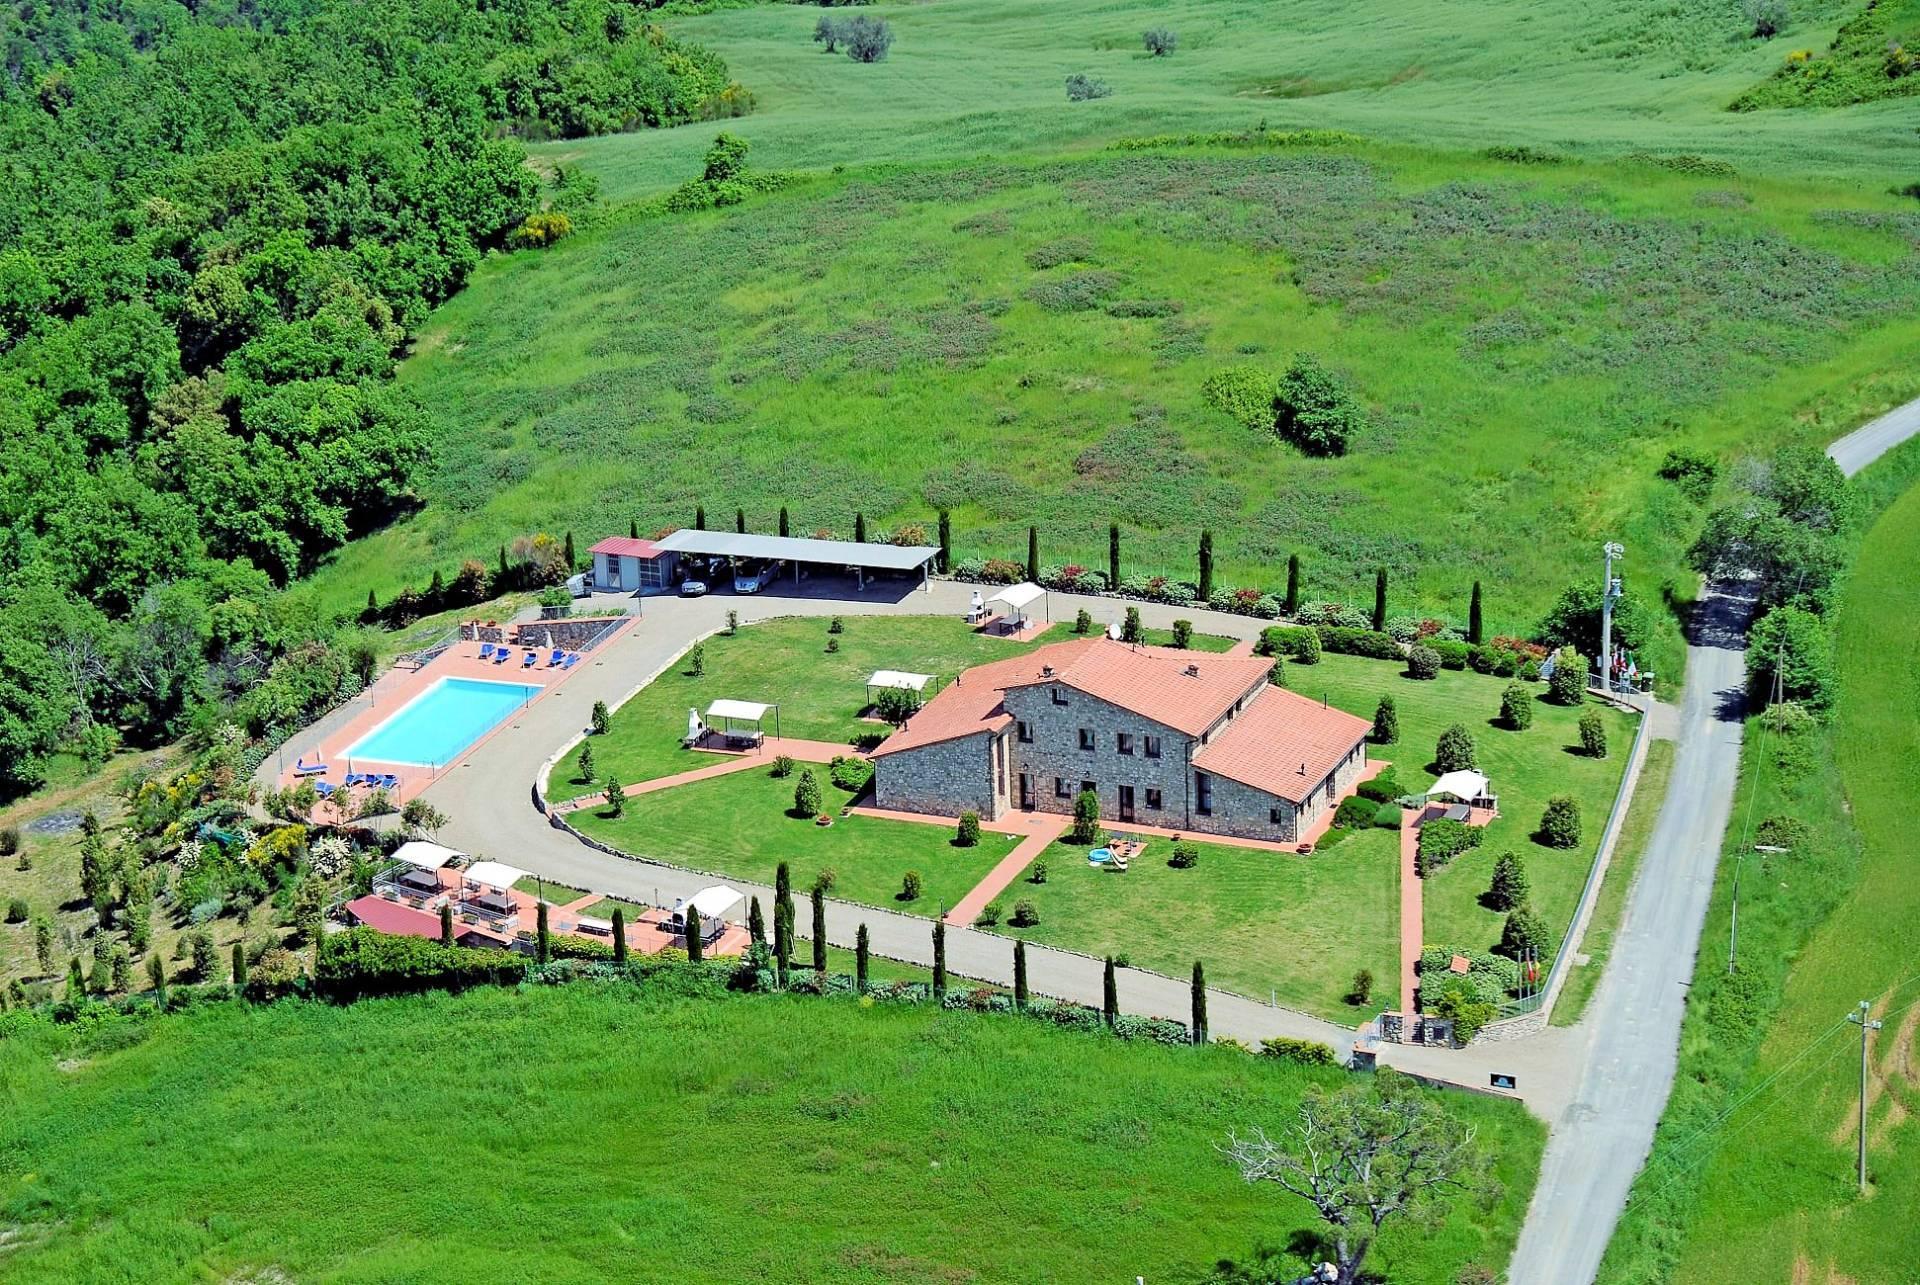 1249-Bellissima casa vacanze con parco e piscina in zona panoramica-Volterra-1 Agenzia Immobiliare ASIP